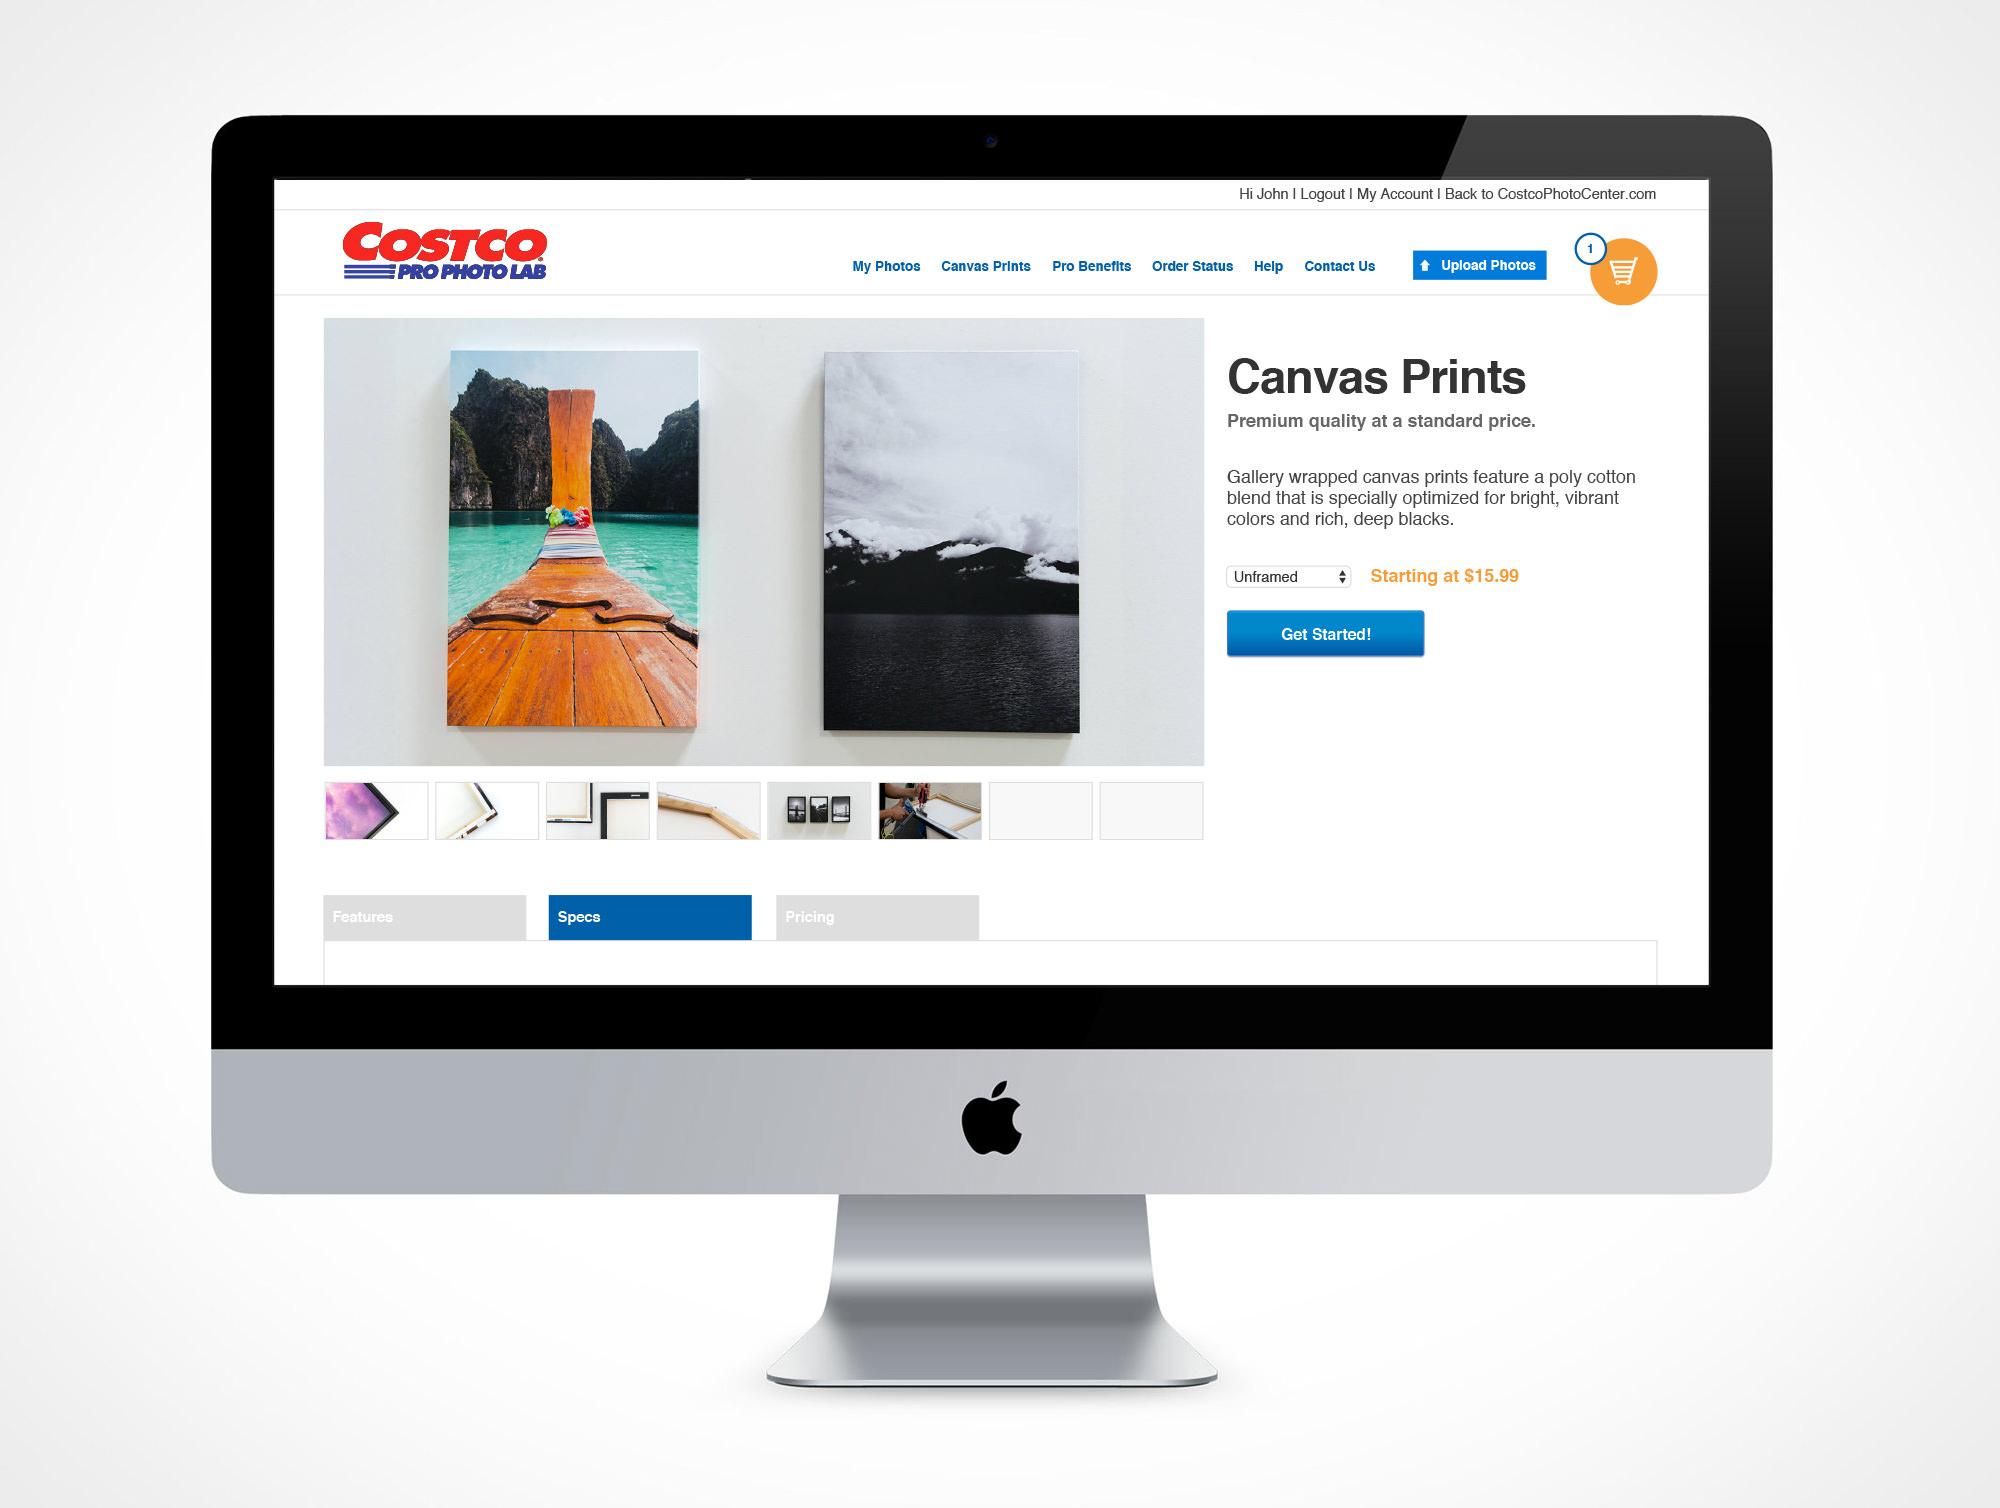 Costco Pro Photo Lab